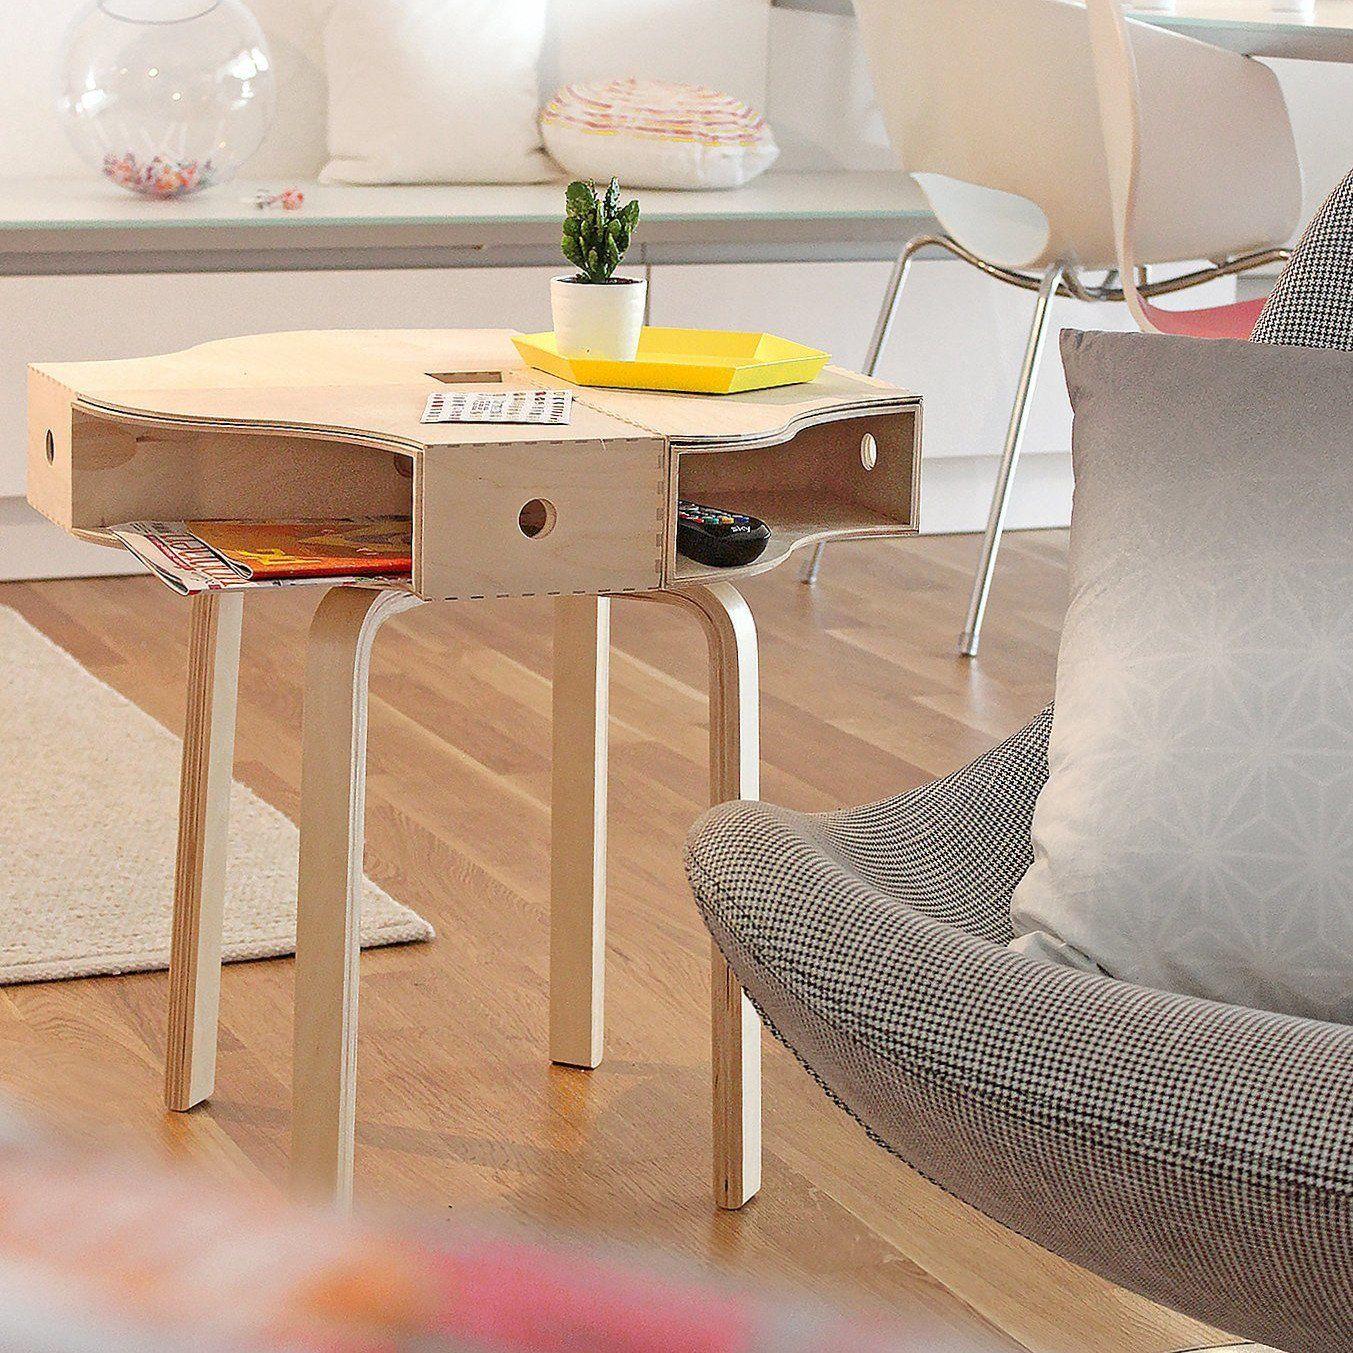 Full Size of Bartisch Poco Singlekche Kche Ikea The Office Schlafzimmer Komplett Betten Küche Bett 140x200 Big Sofa Wohnzimmer Bartisch Poco